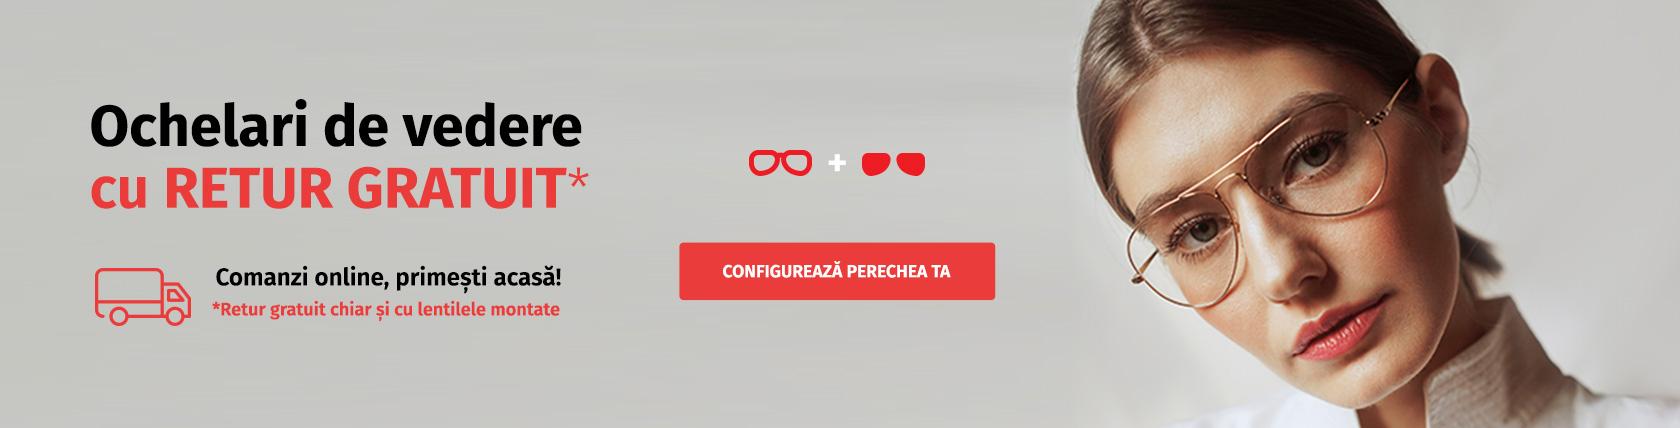 Comandă-ți online ochelarii de vedere! De la 298 lei.